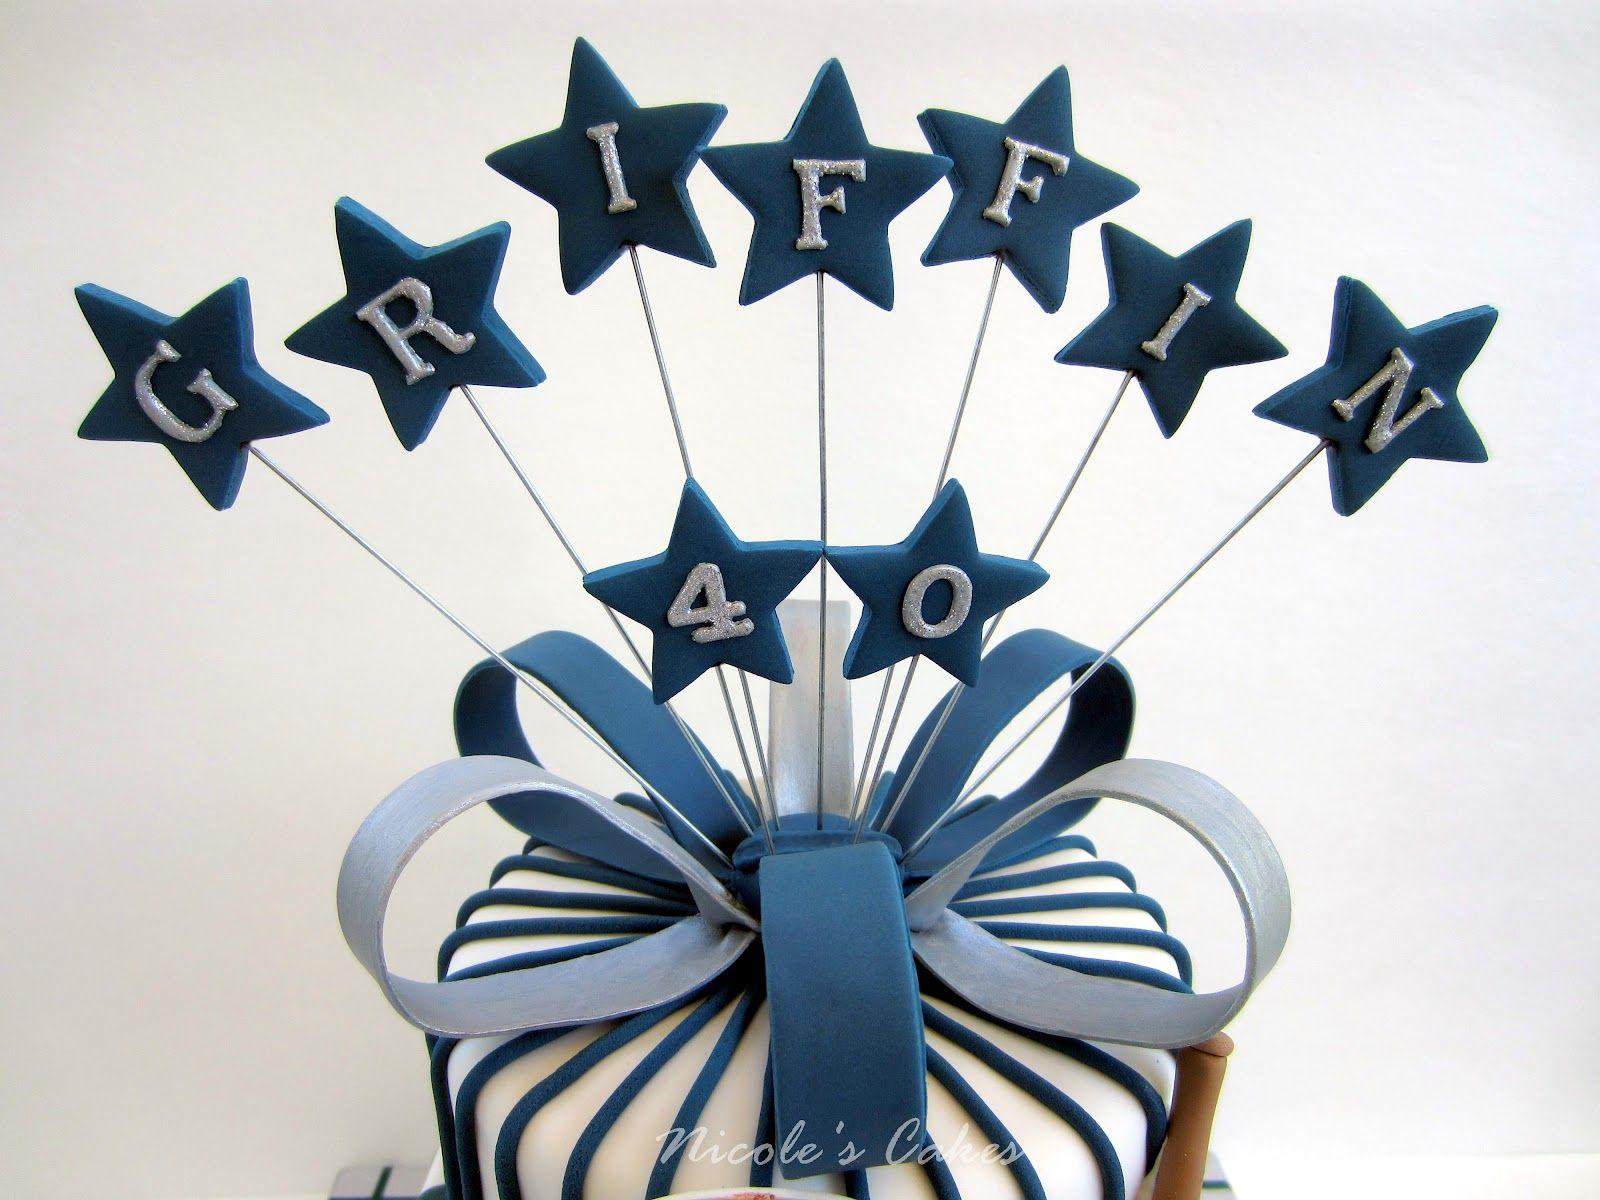 male 40th cake ideas - Google Search